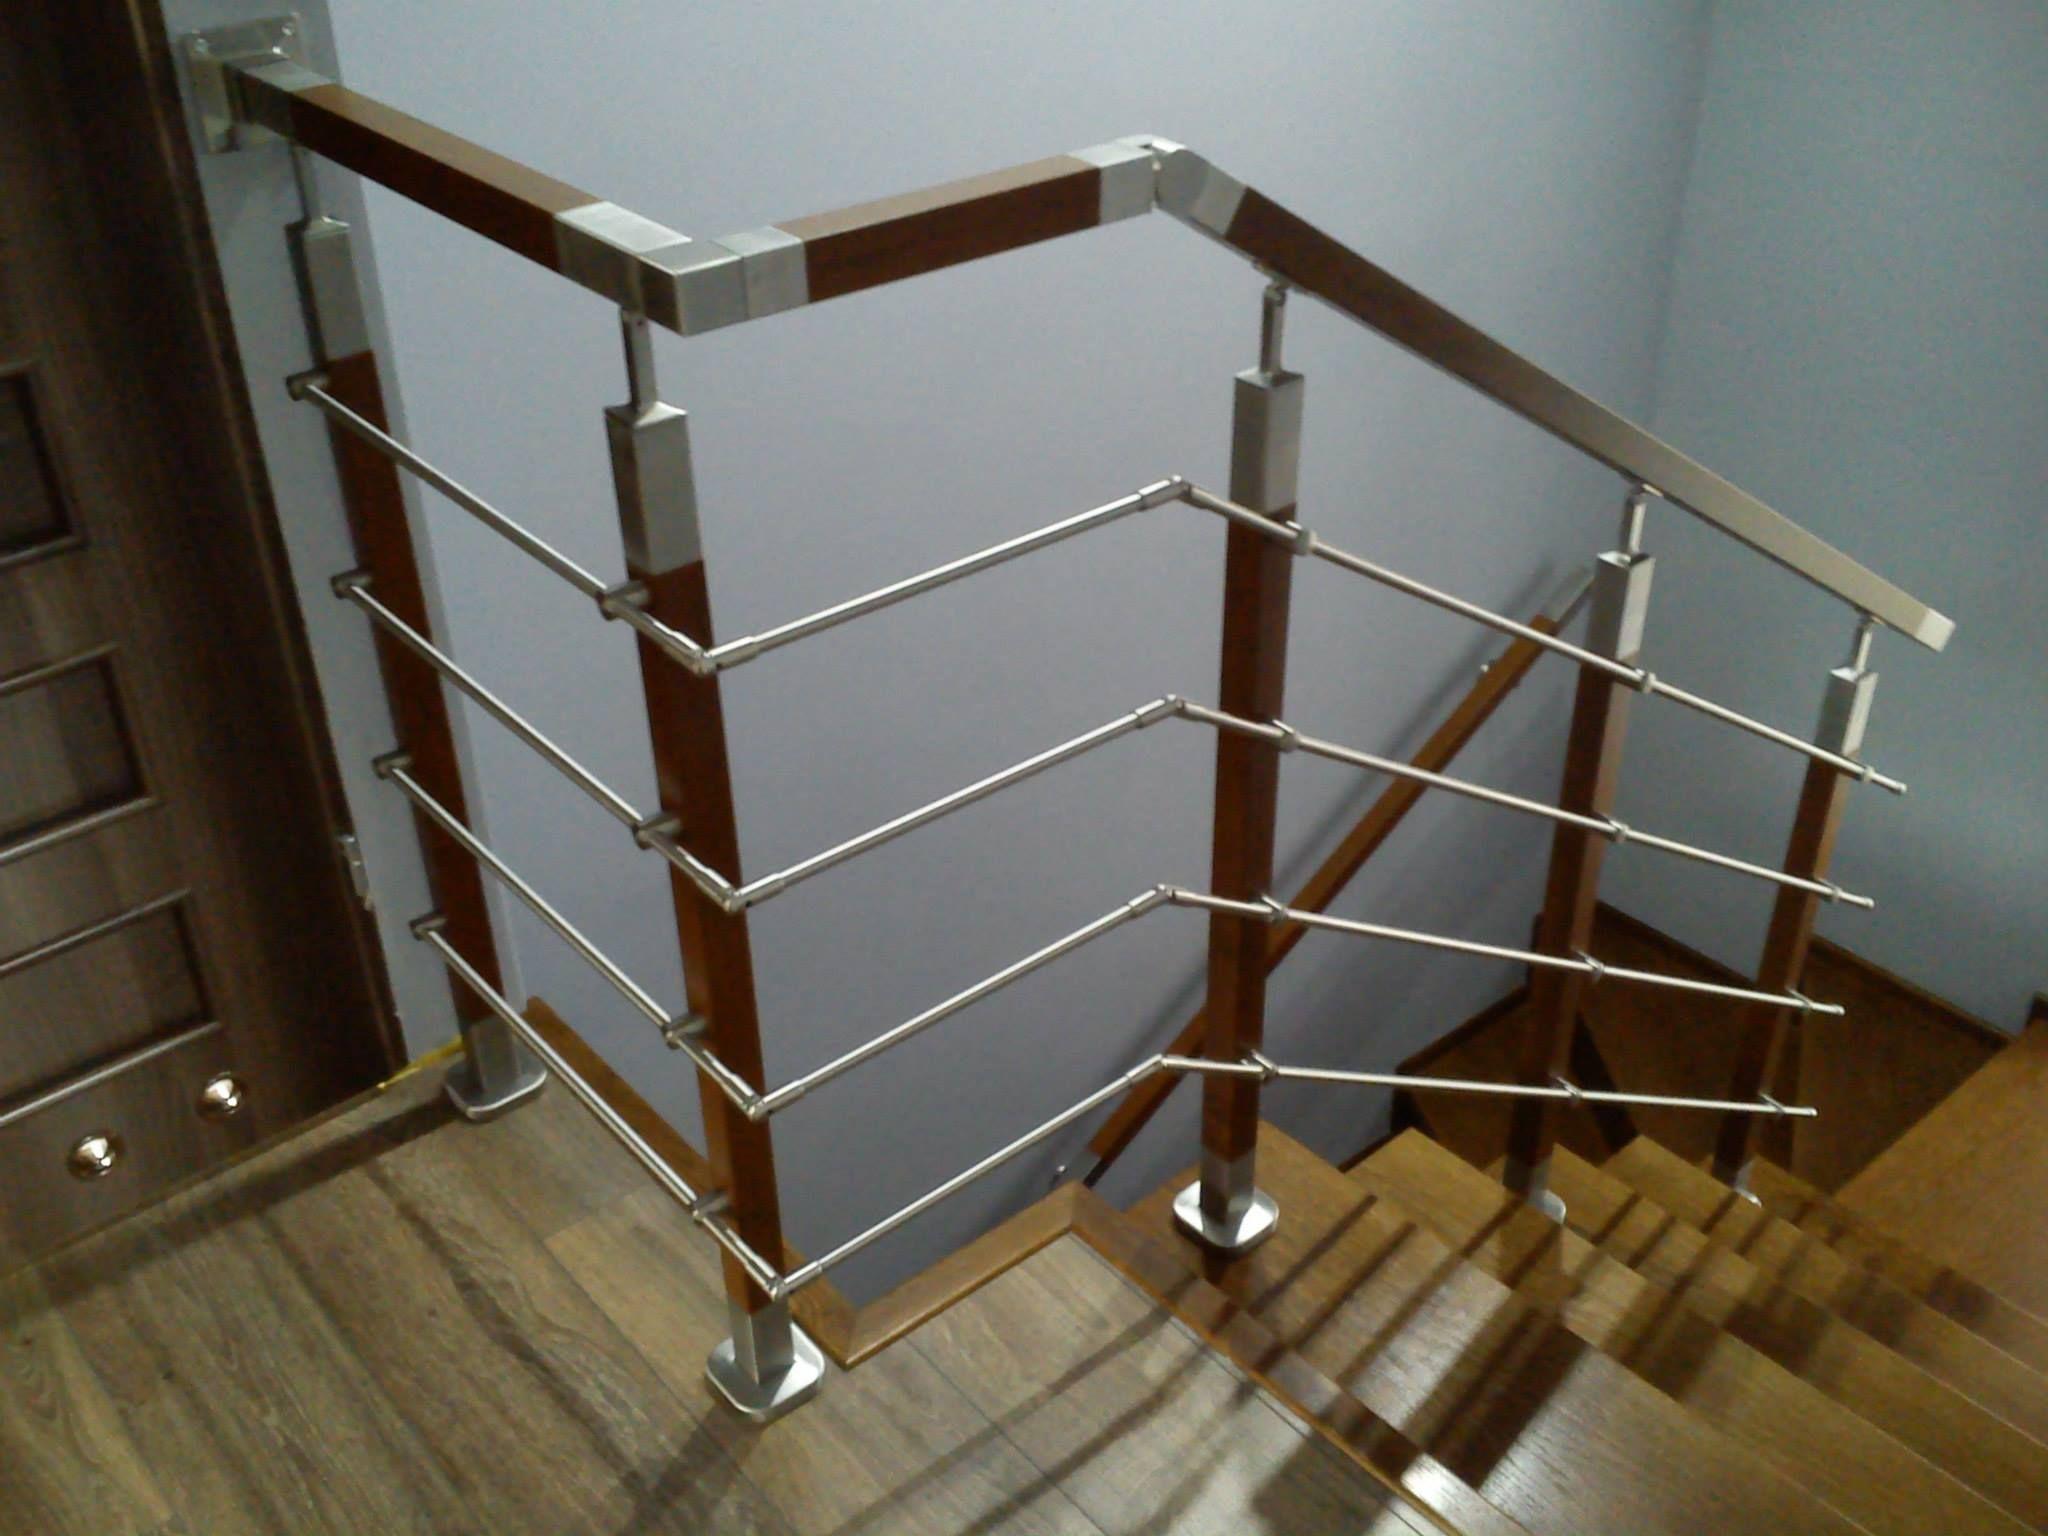 W superbly balustrada wewnętrzna schody klatka schodowa barierka handrail UE05